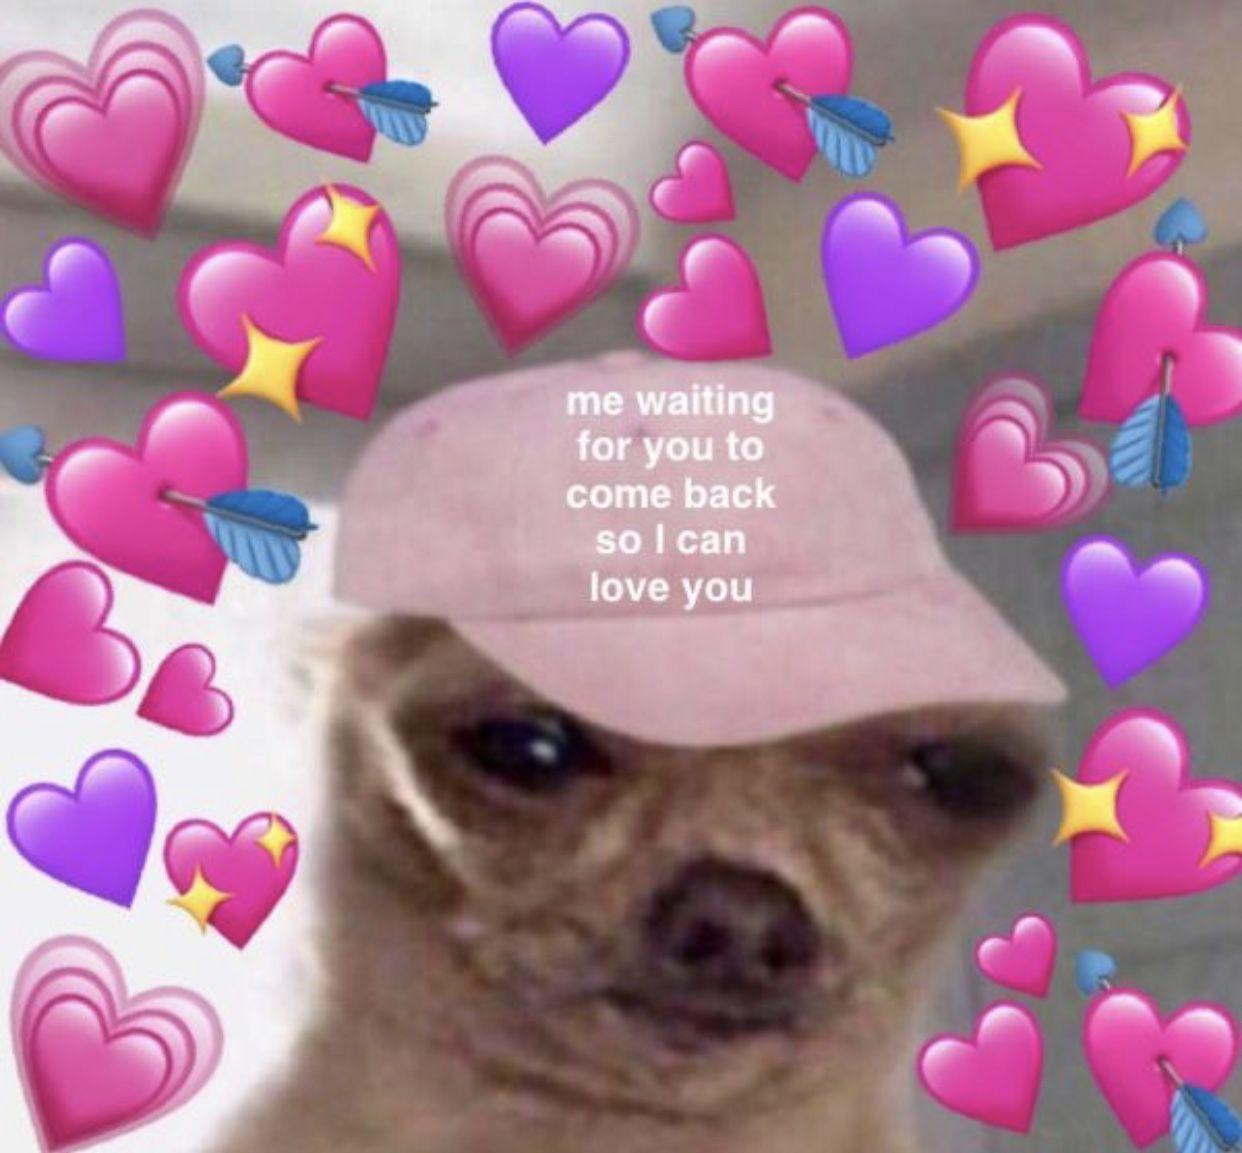 Instagram Jjk Going On Break Cute Love Memes Love Memes Cute Memes